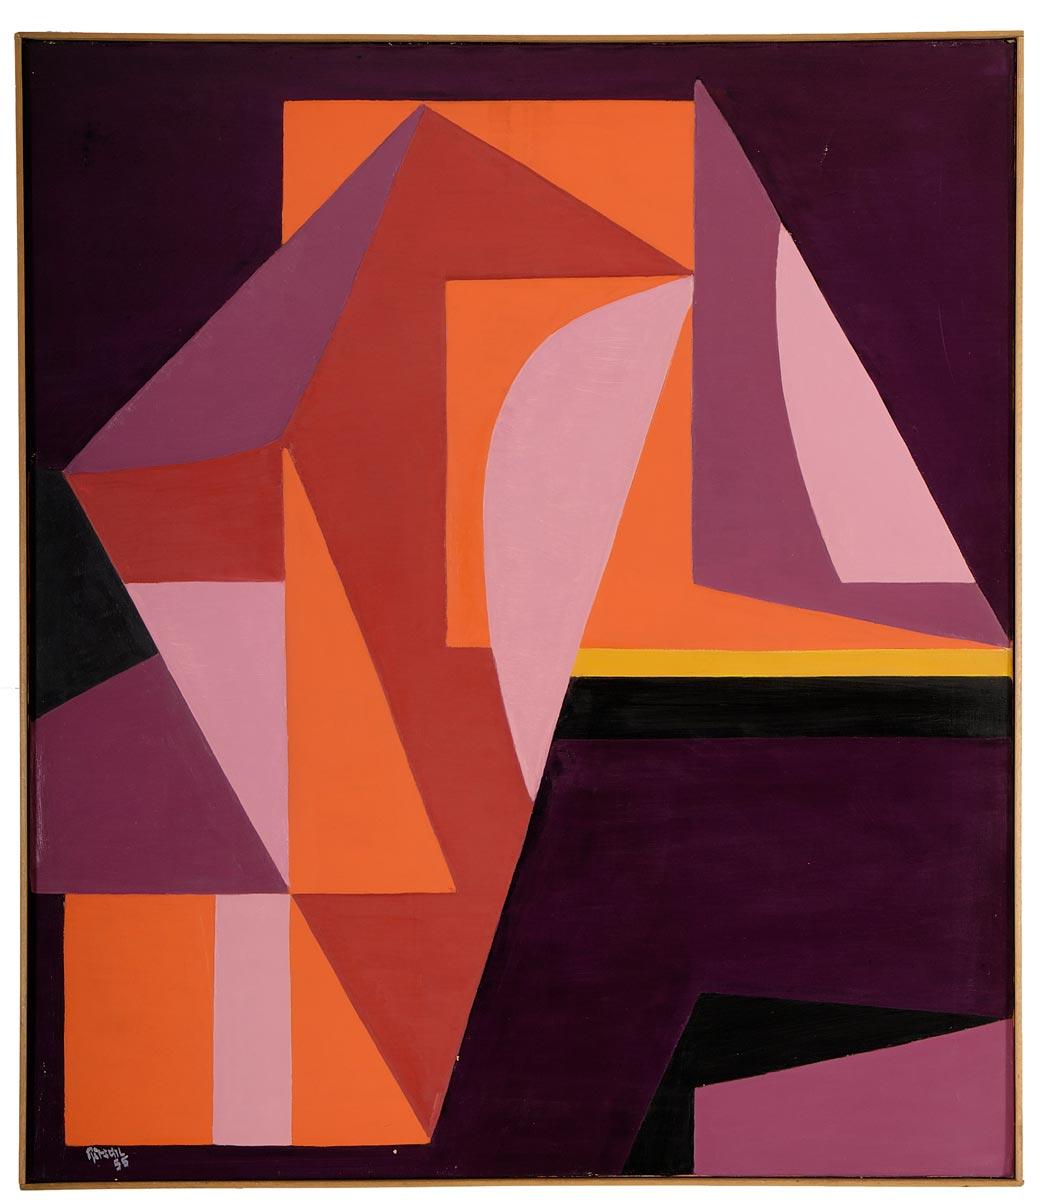 Otto Ritschl: Zwanzigstes Bild aus dem Jahr 1955, Geometrische Werkphase, Werkverzeichnis des Museumsvereins Ritschl e.V., Verlag Hirmer